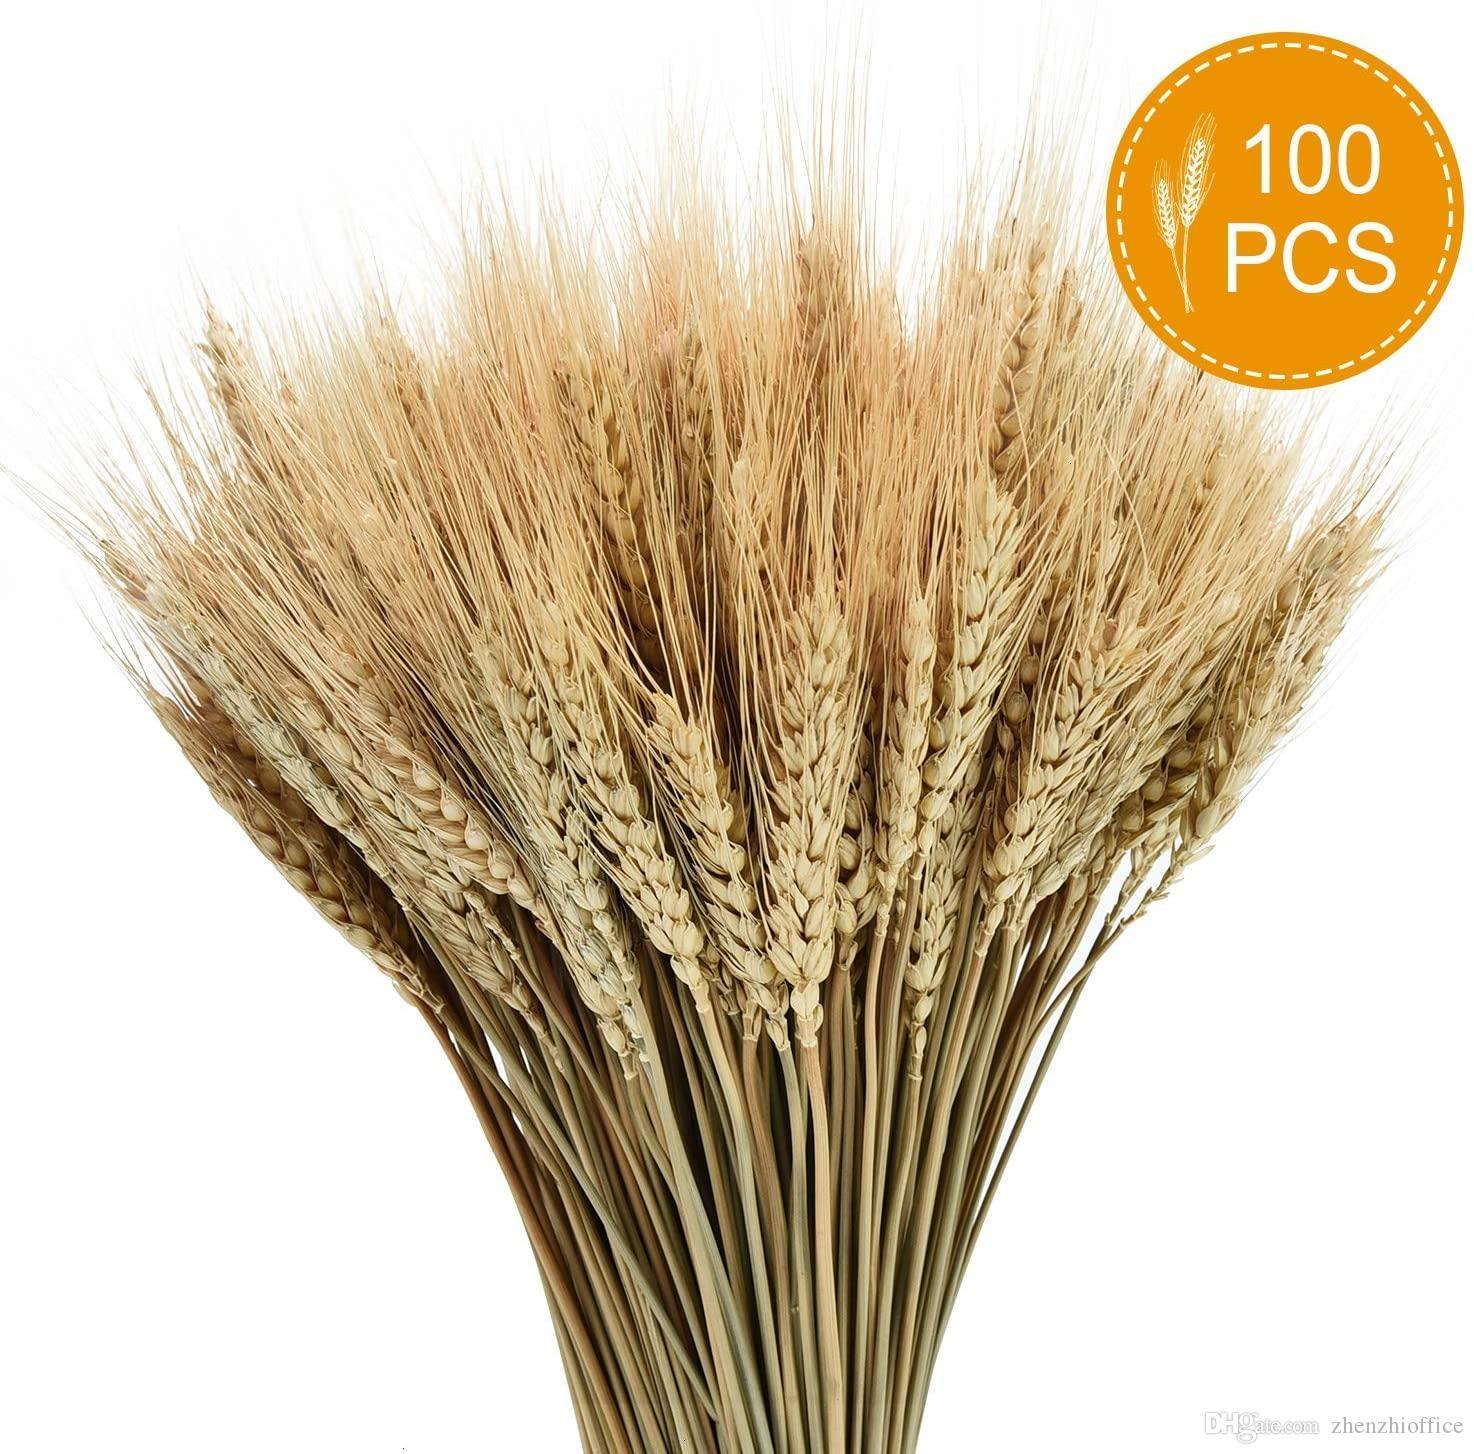 Los tallos secos de trigo, 100 tallos de trigo gavillas para la decoración de la boda Vector la cocina del hogar (15,7 pulgadas)